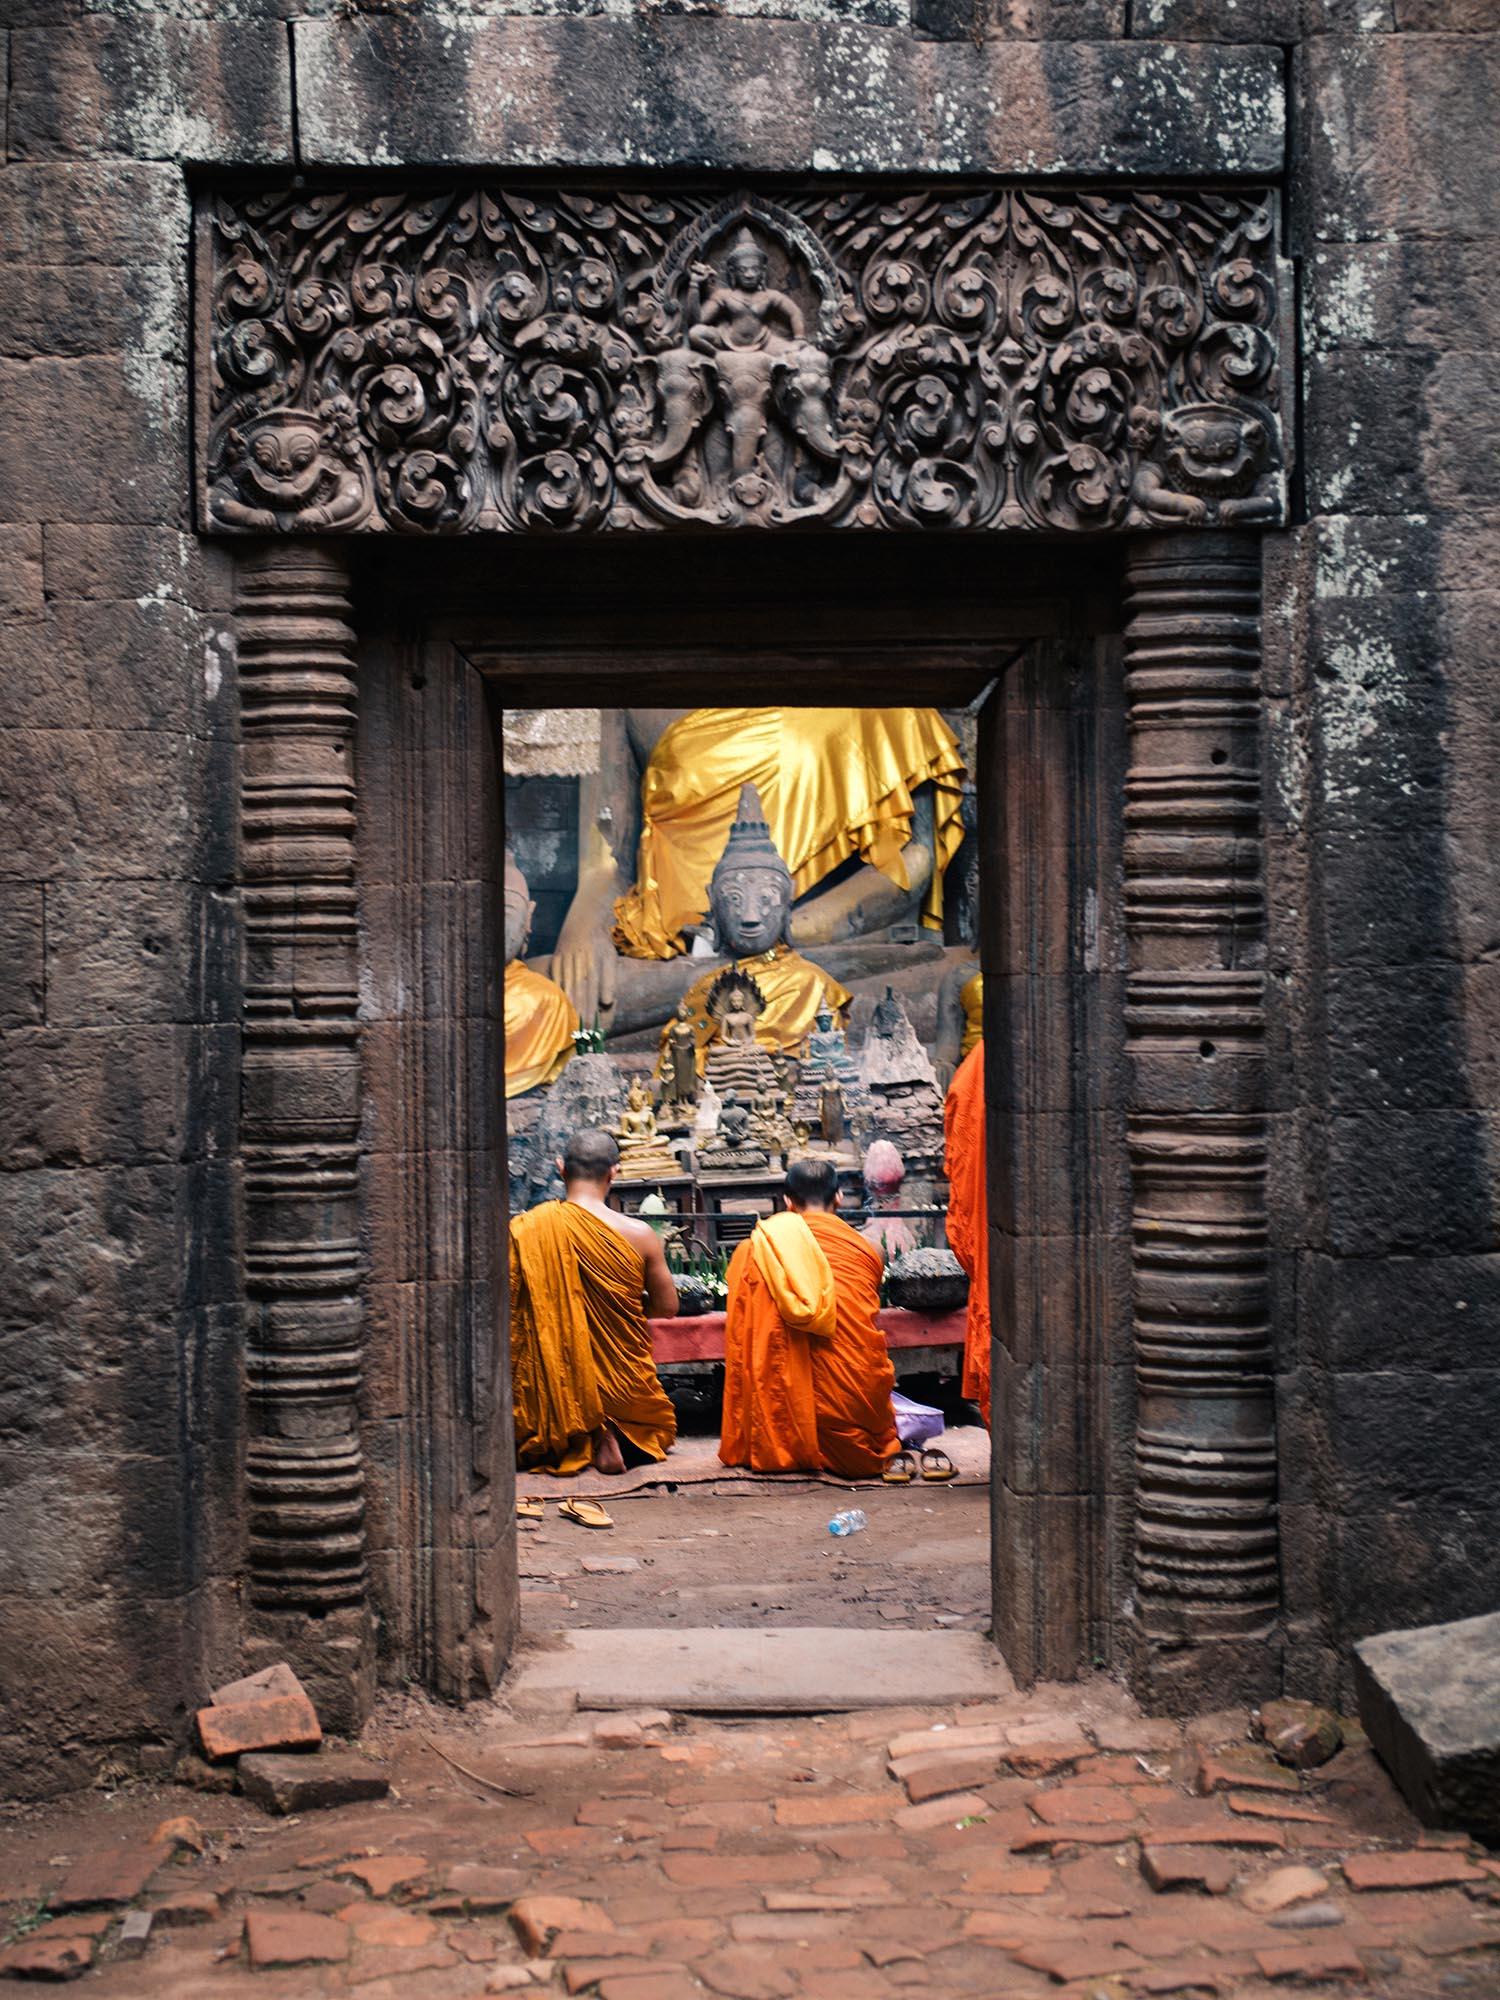 Monks praying in the shrine.